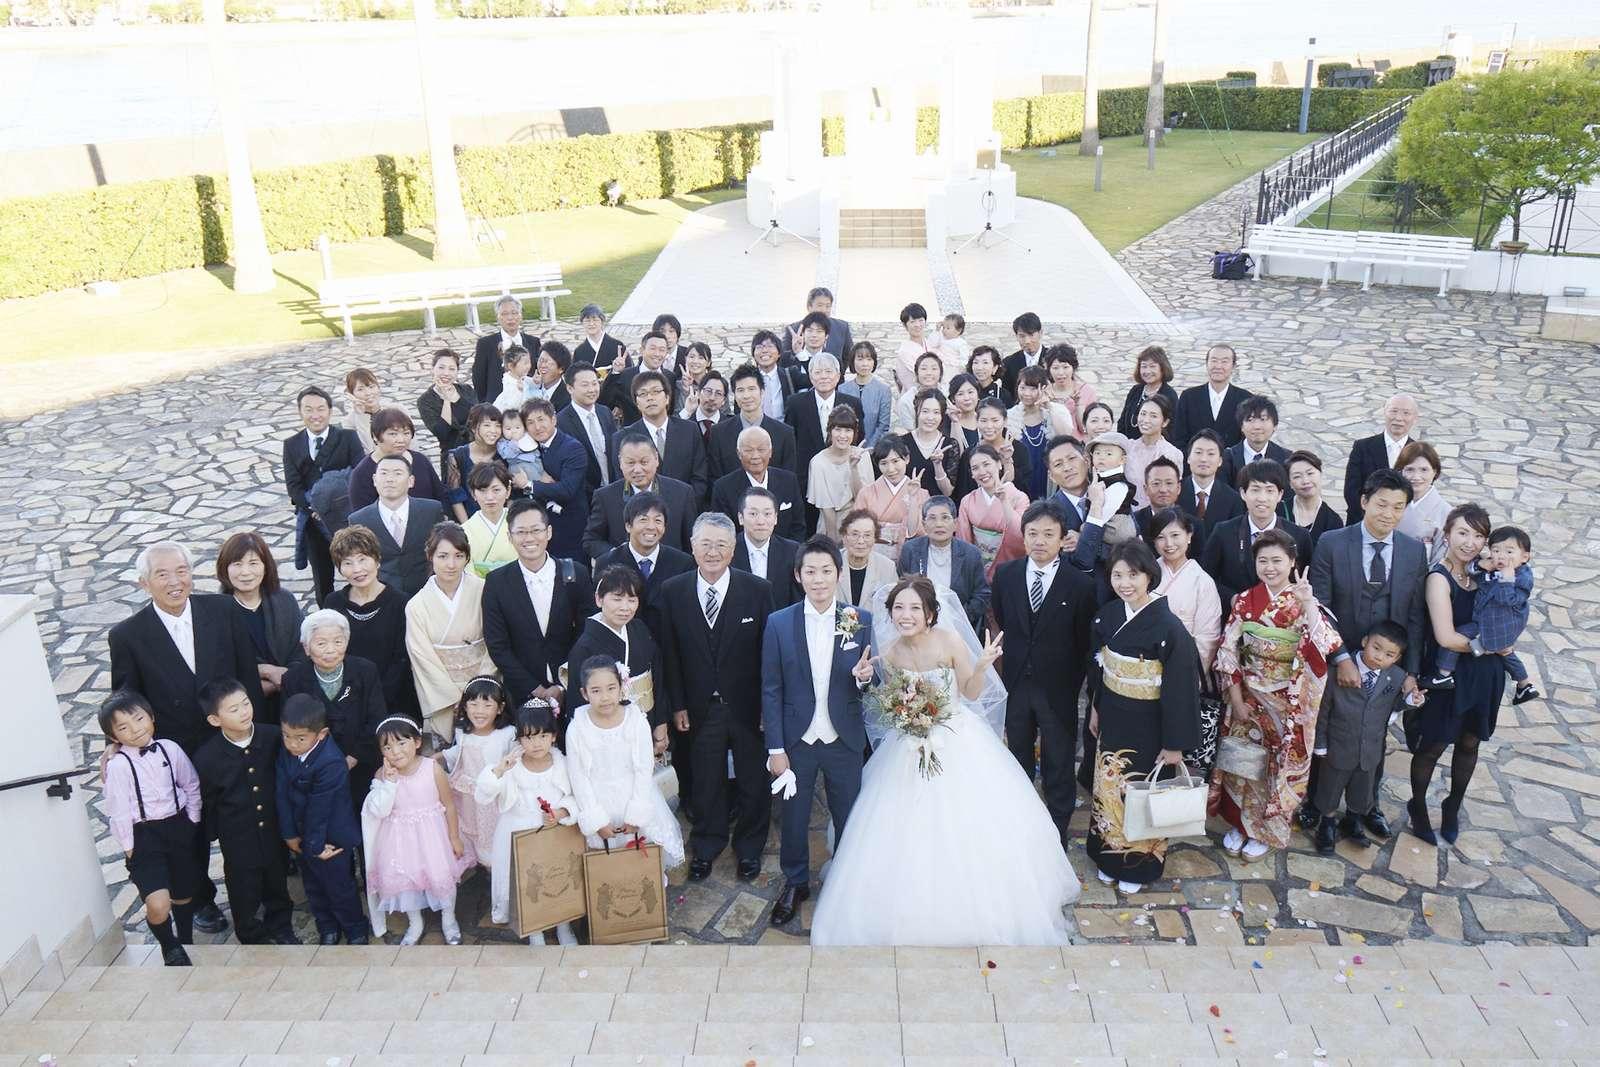 徳島県の結婚式場ブランアンジュでゲストの皆様とスカイフォト